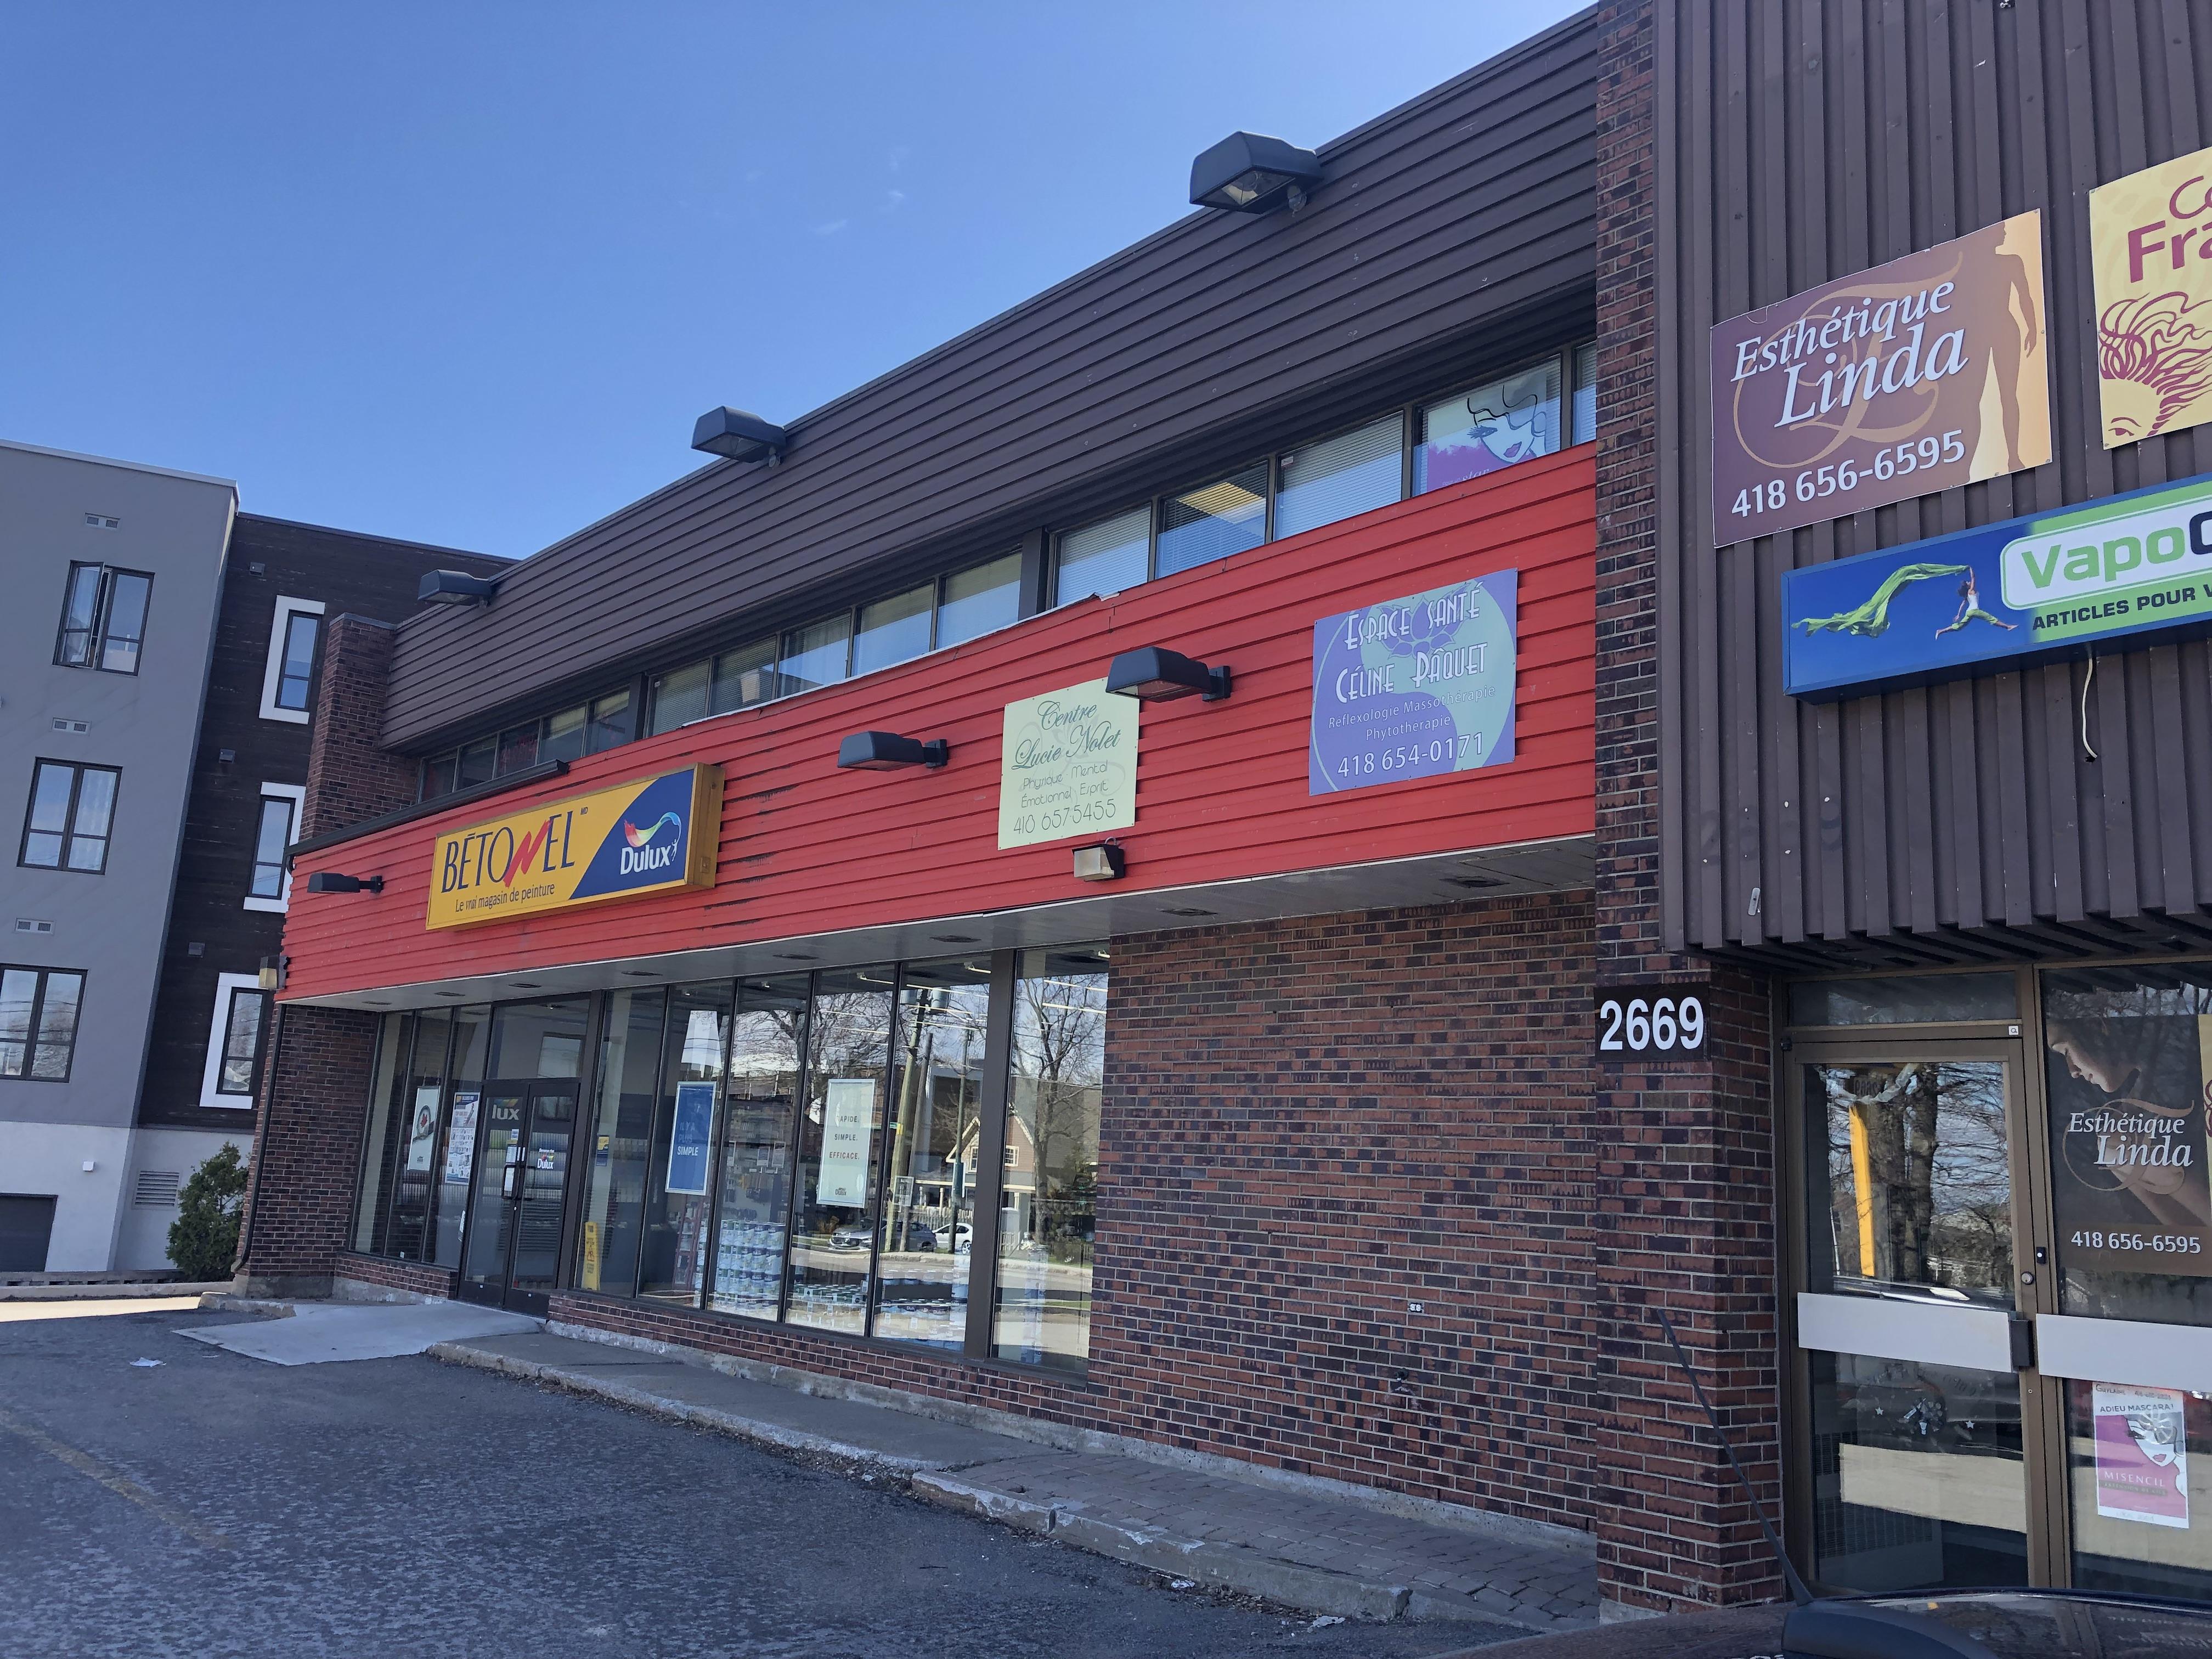 2669, Chemin Ste-Foy, Québec G1V 1V3